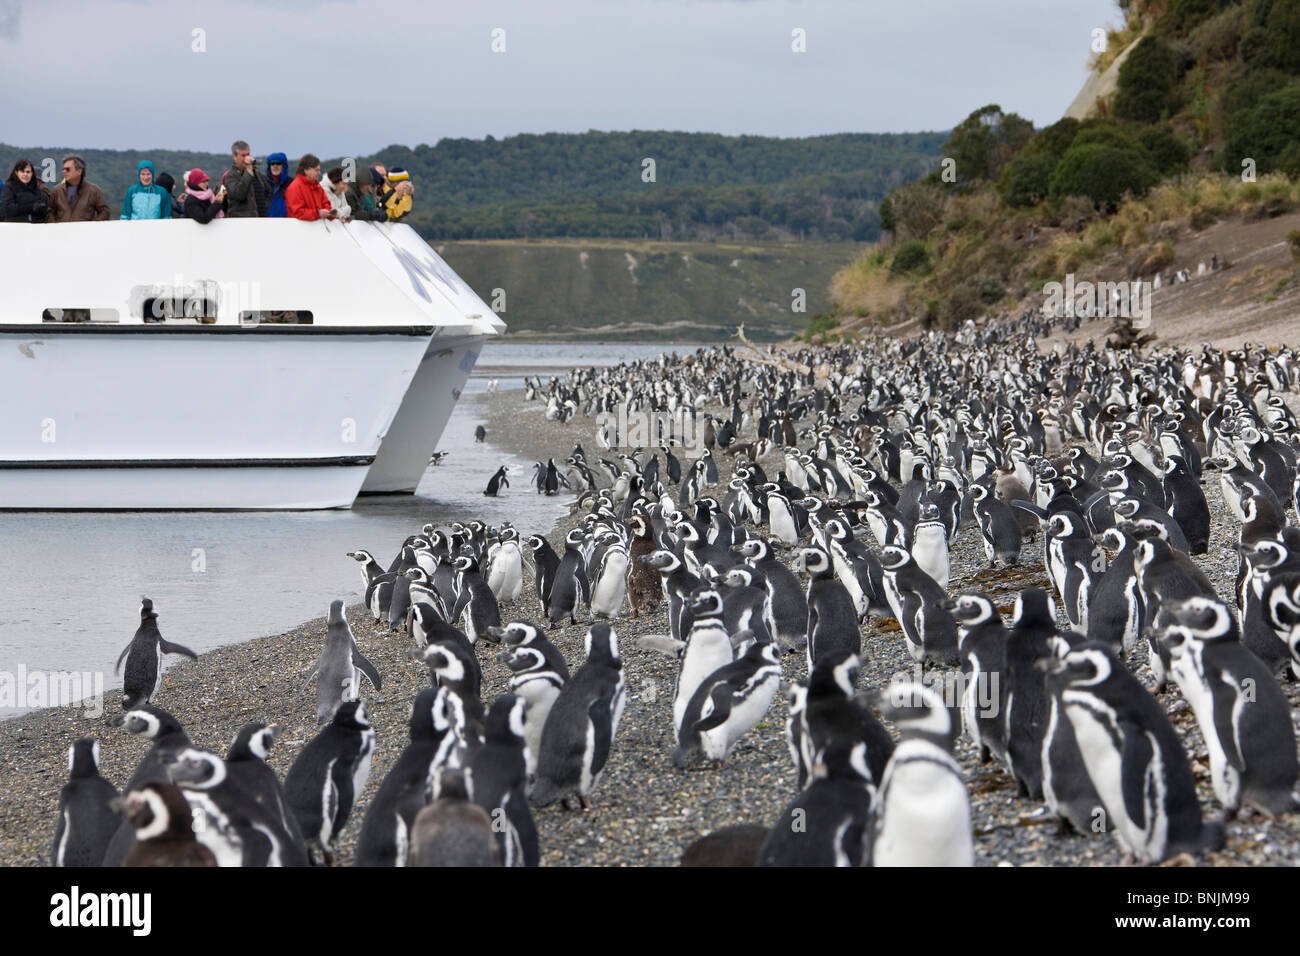 Argentina Südamerika Amerika March 2009 Tierra del Fuego Magellanic Penguin Spheniscus magellanicus penguins - Stock Image